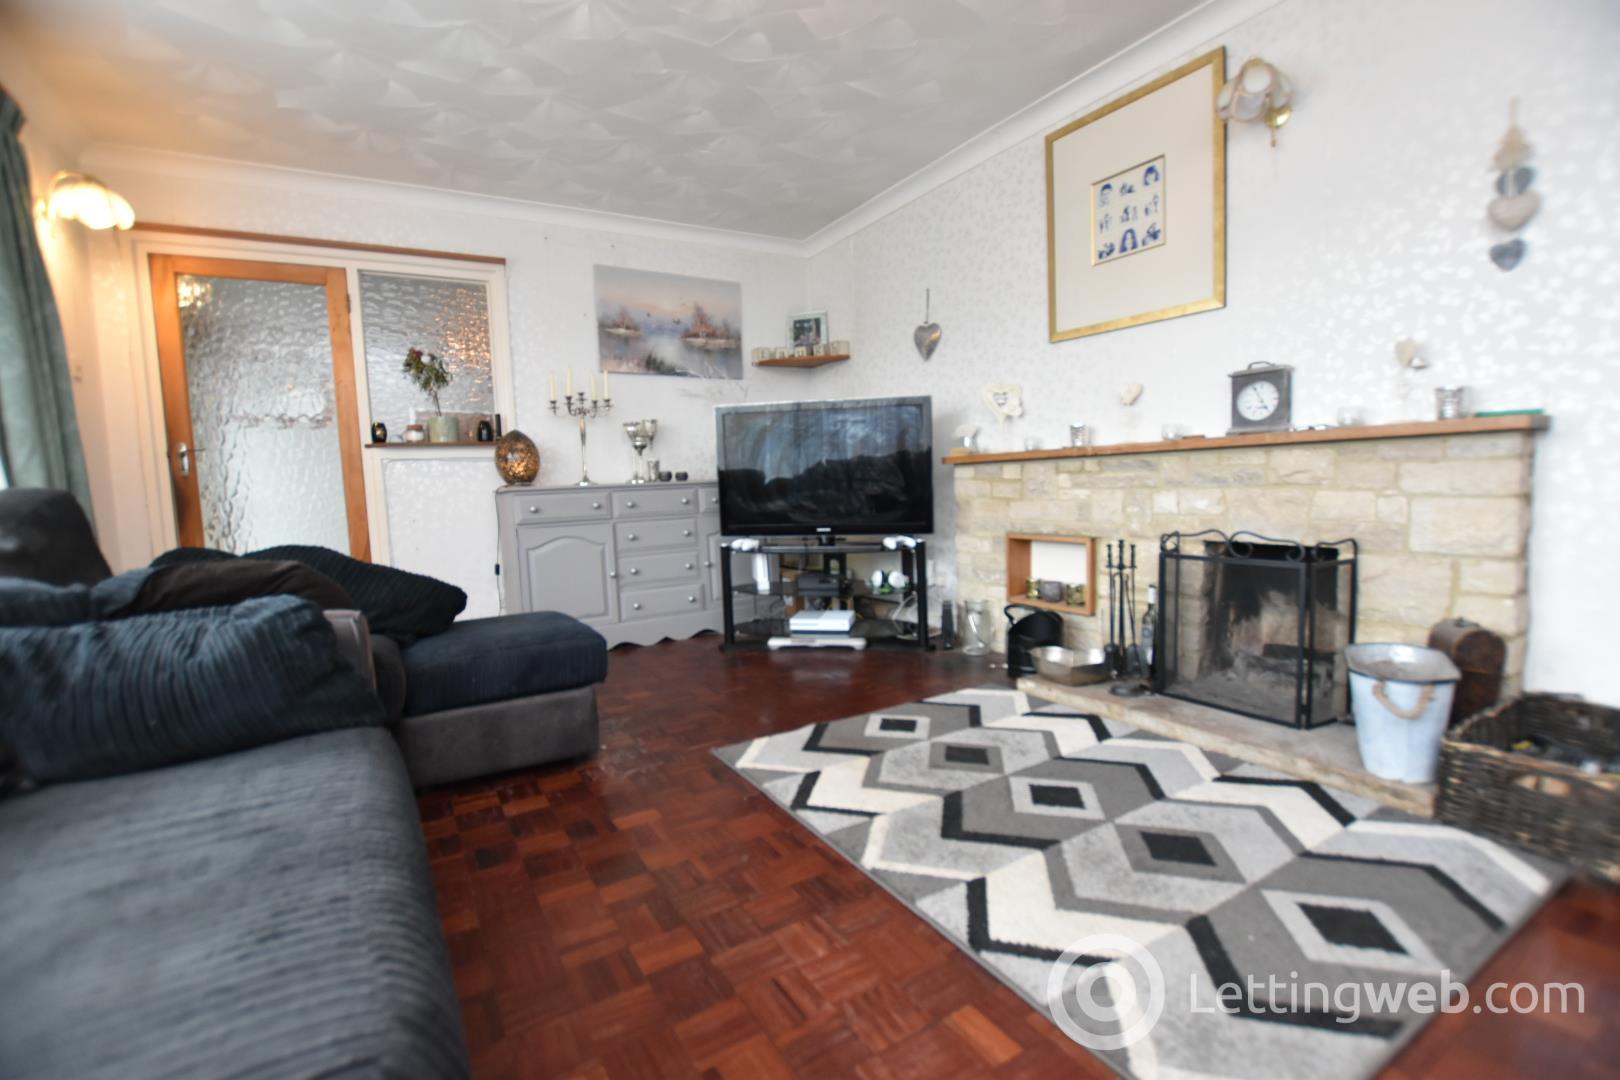 Property to rent in Merley Gardens, Wimborne, Dorset BH21